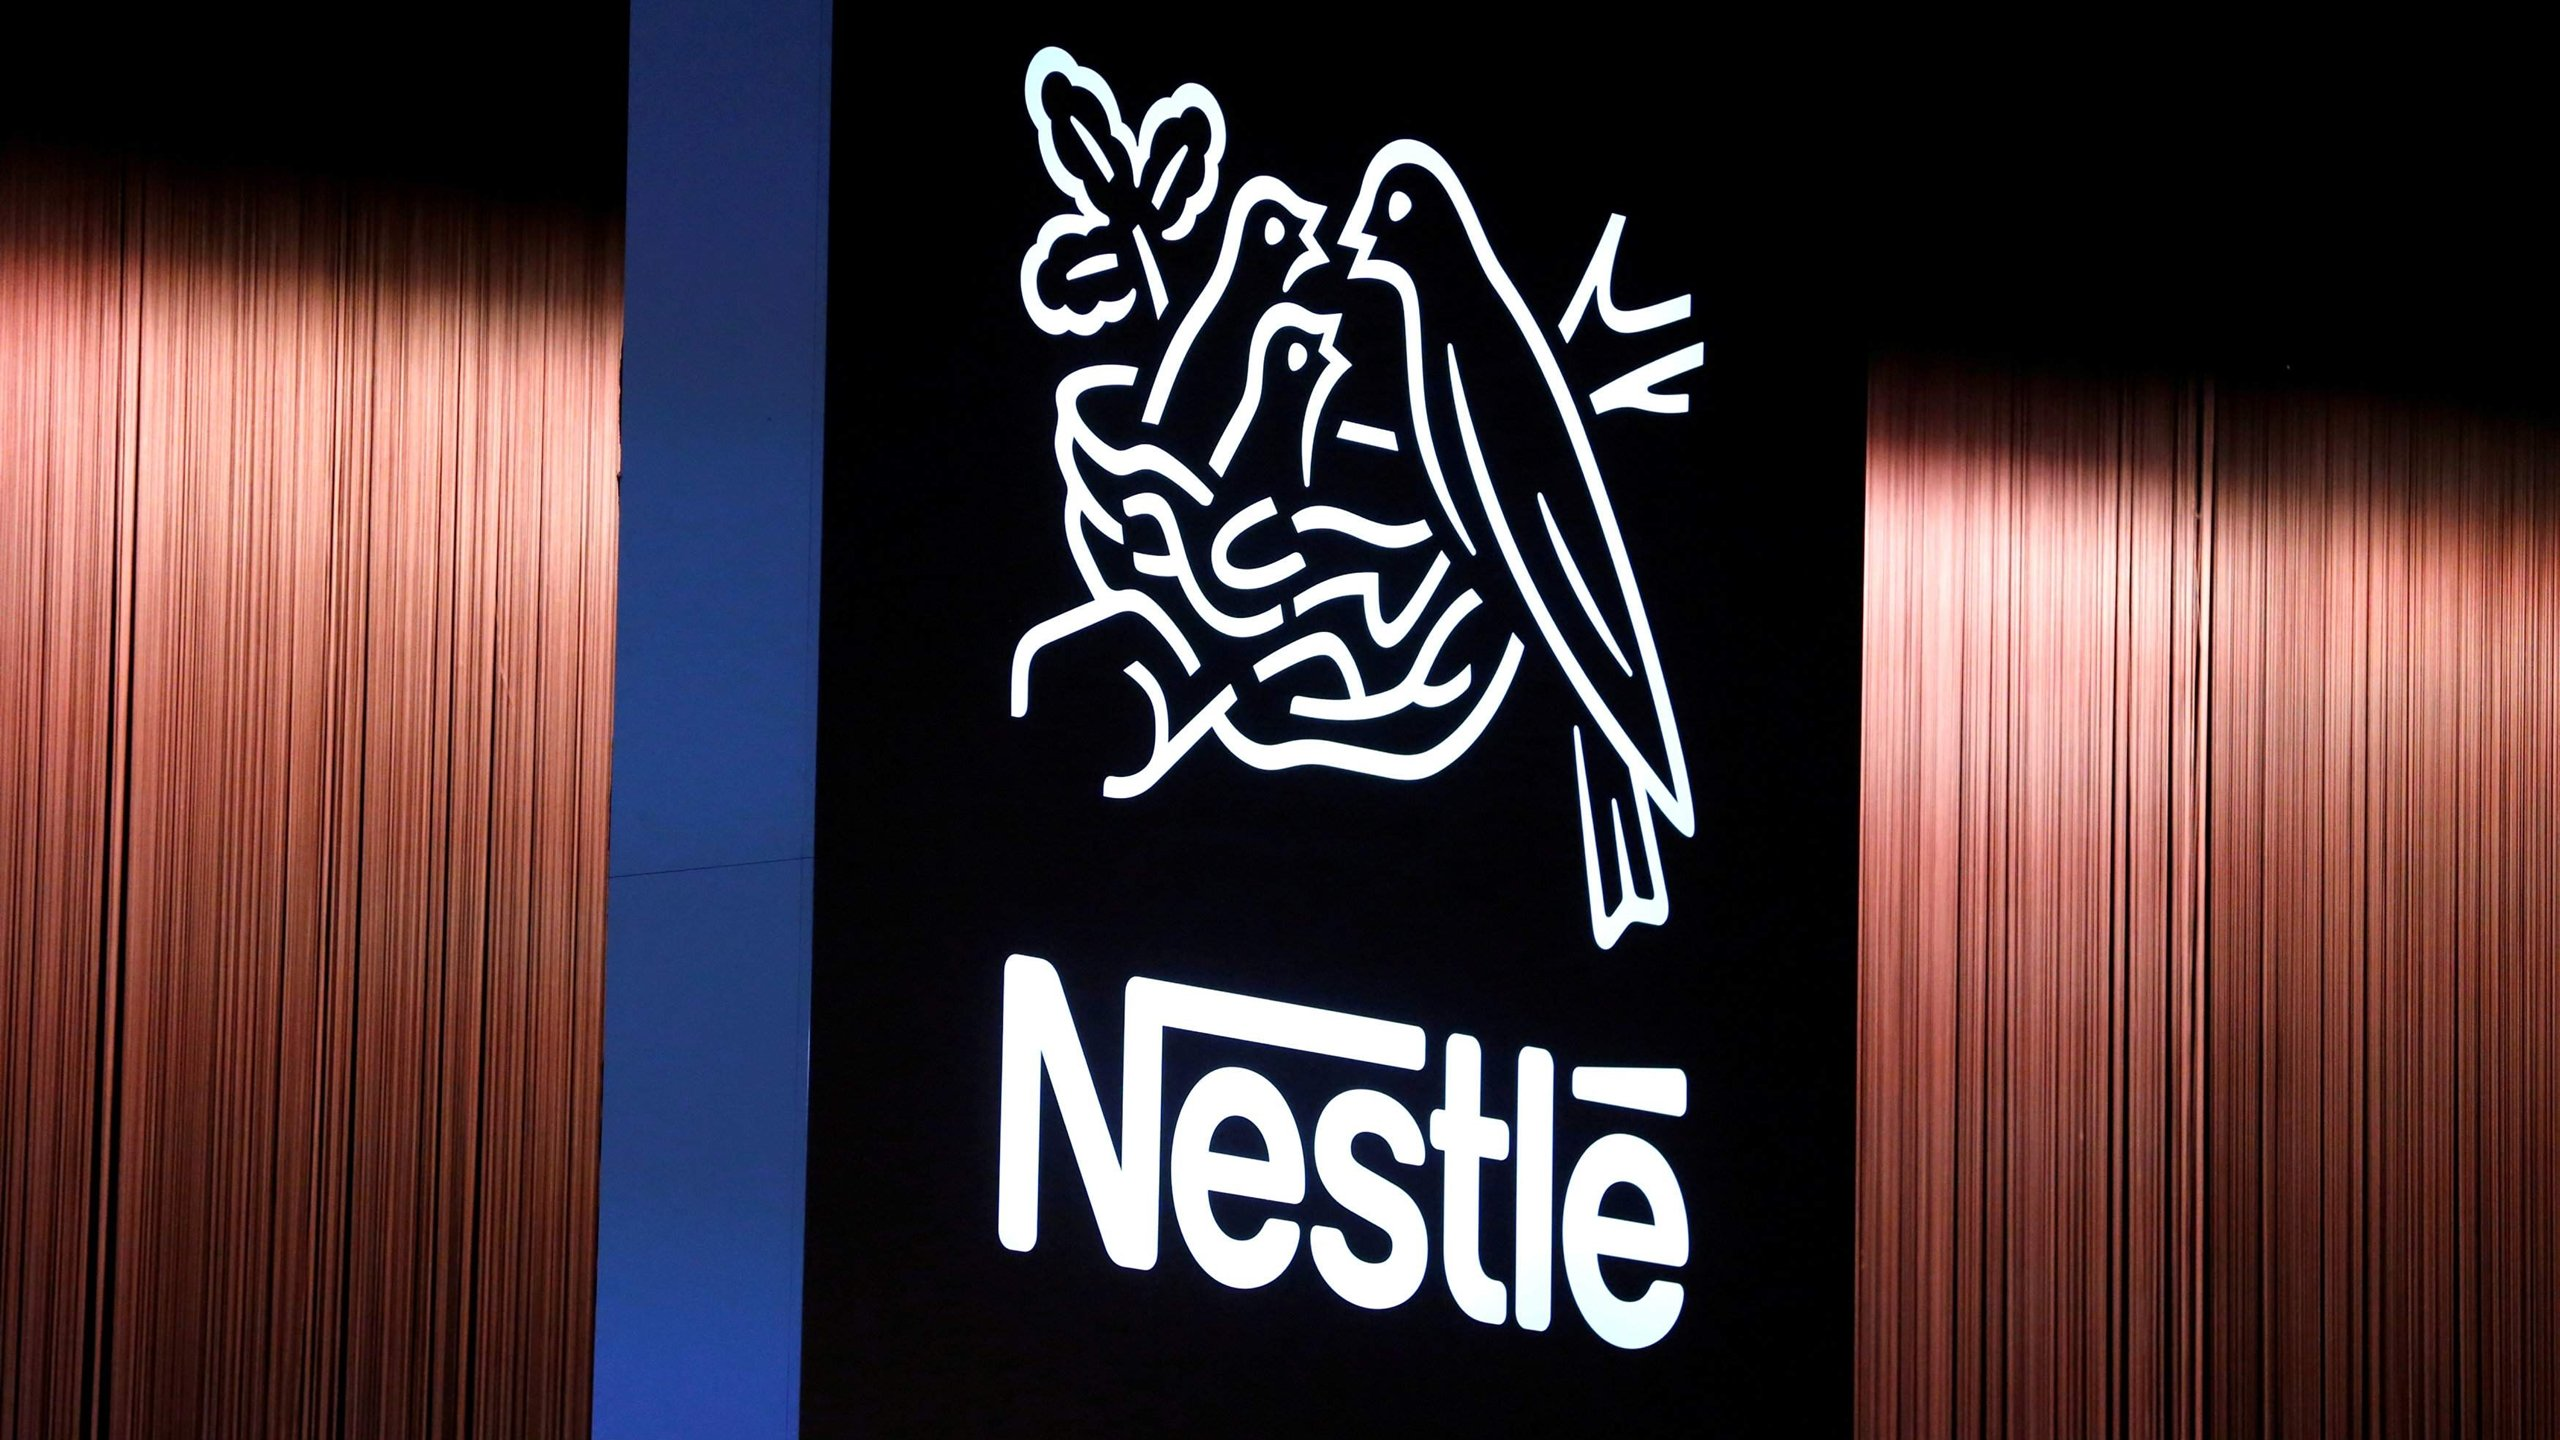 Nestlé invertirá 3,500 mdd contra el cambio climático